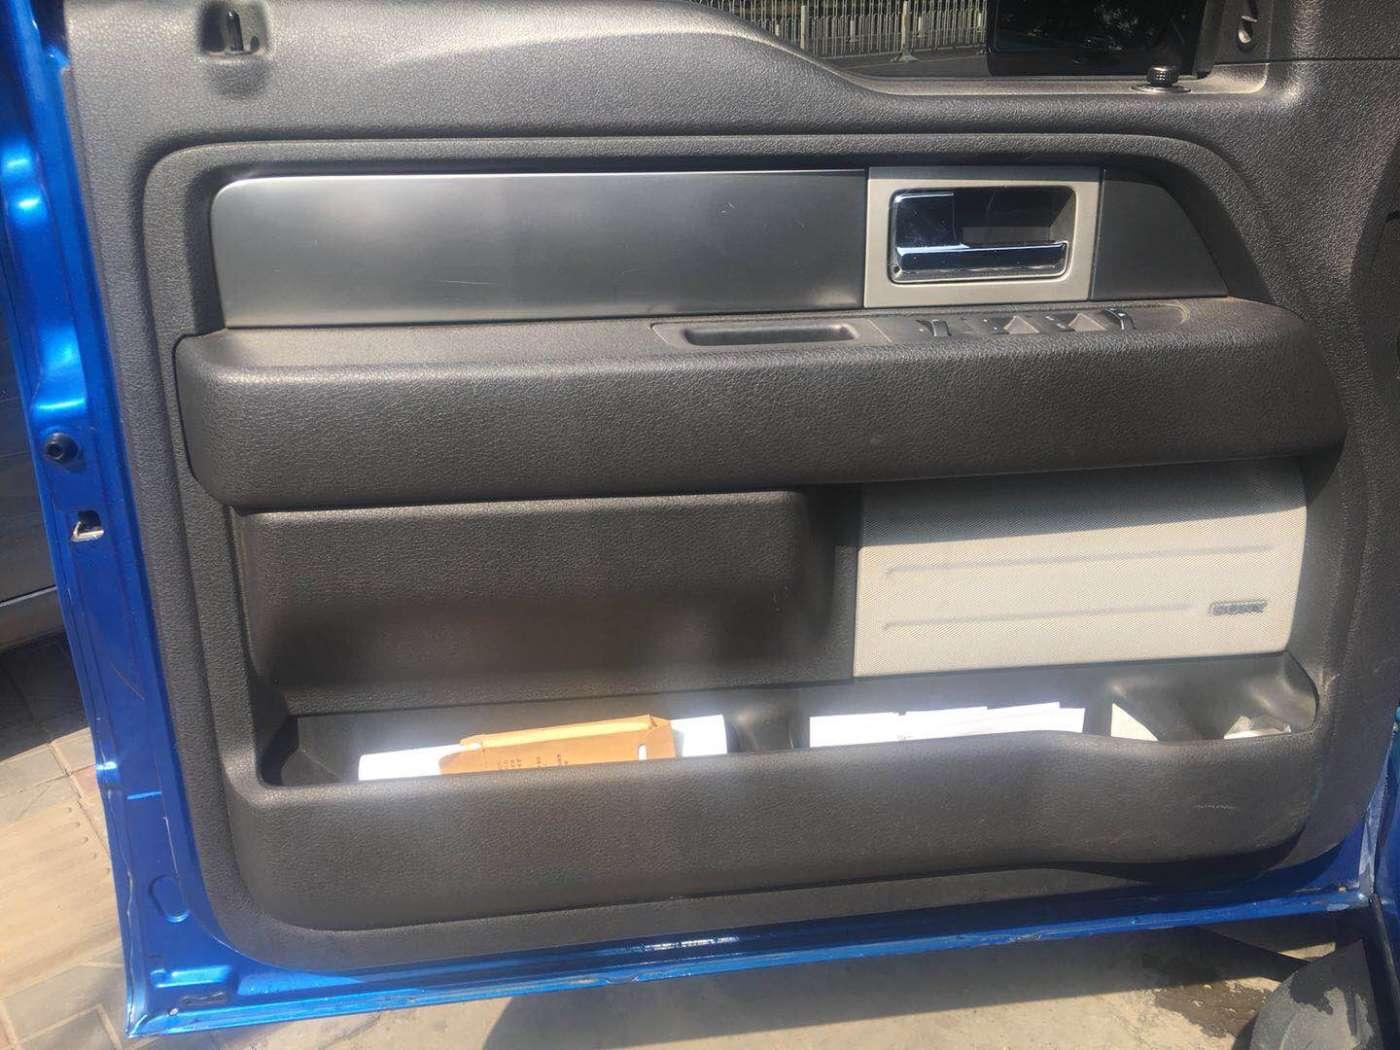 2013年04月 福特F-150 2011款 6.2L SVT Raptor SuperCrew|甄选福特-北京卡斯基汽车服务有限公司